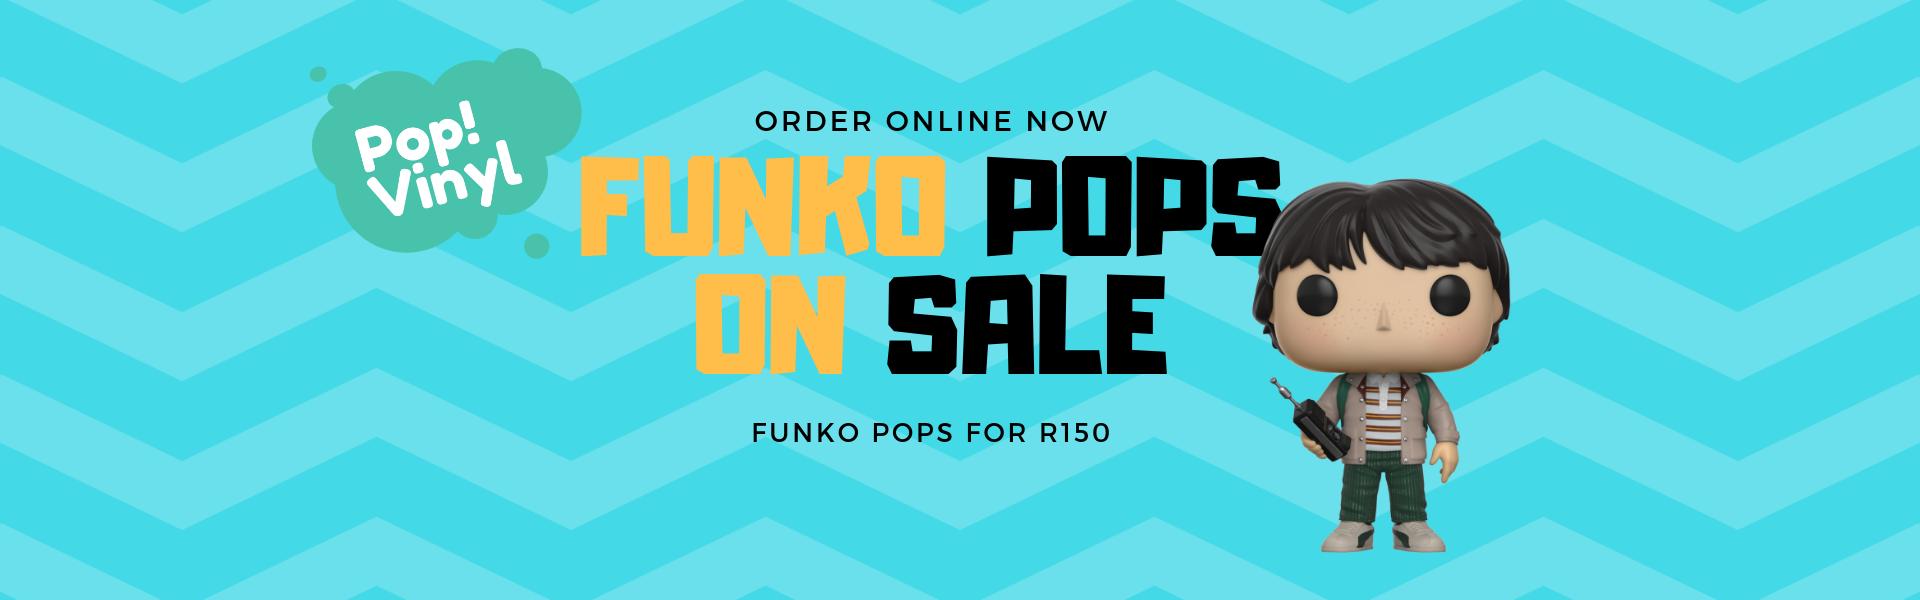 sale pops banner